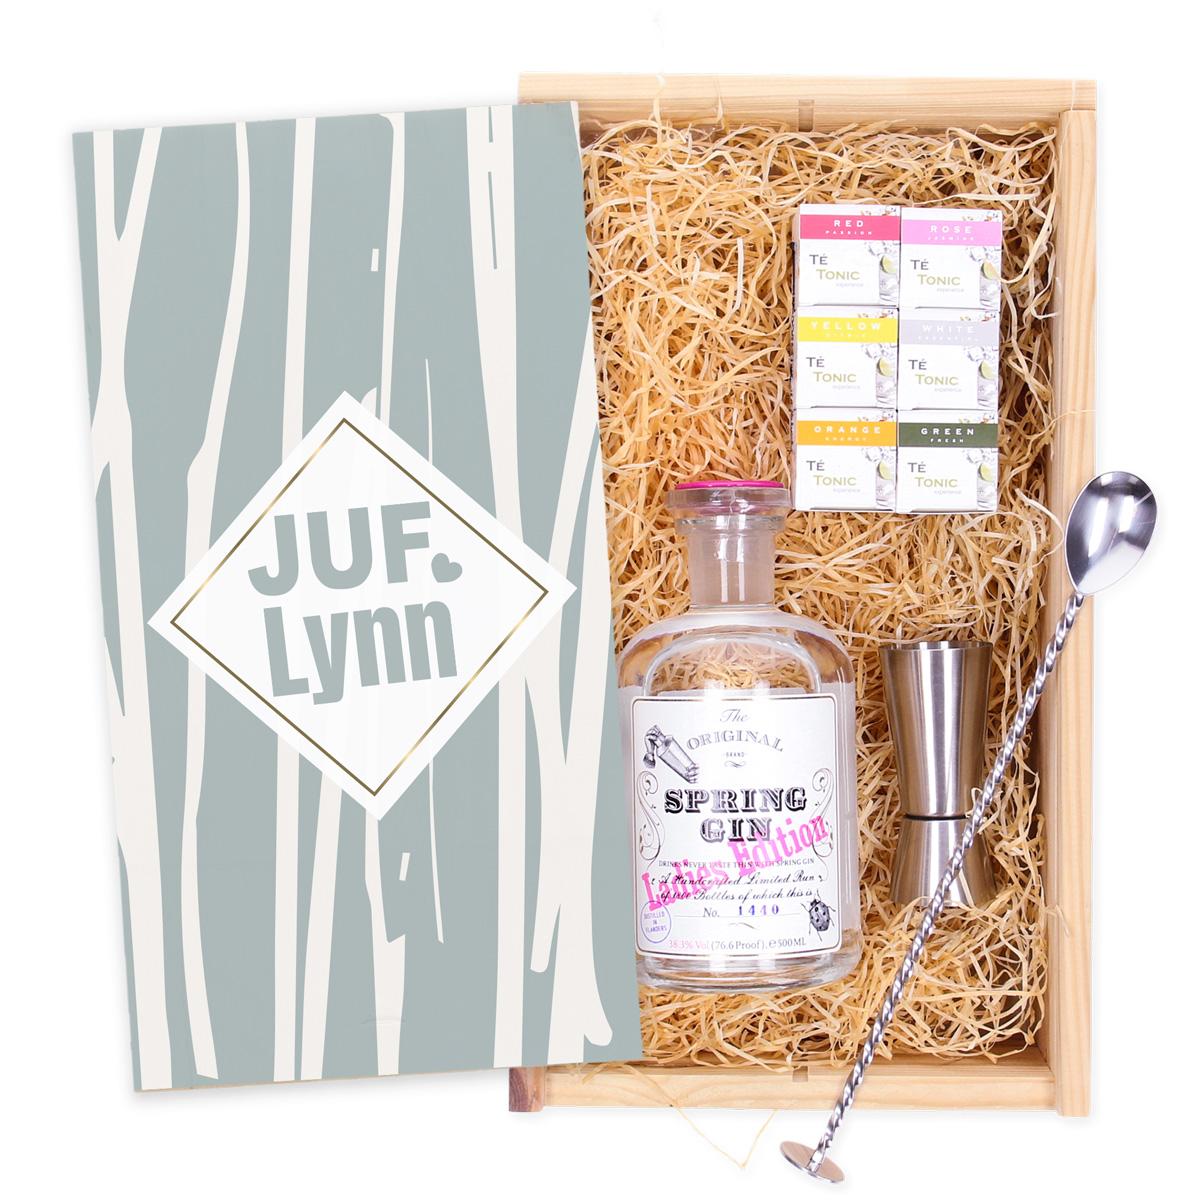 Coffret Spring Gin personnalisé avec 6 infusions + une cuillère